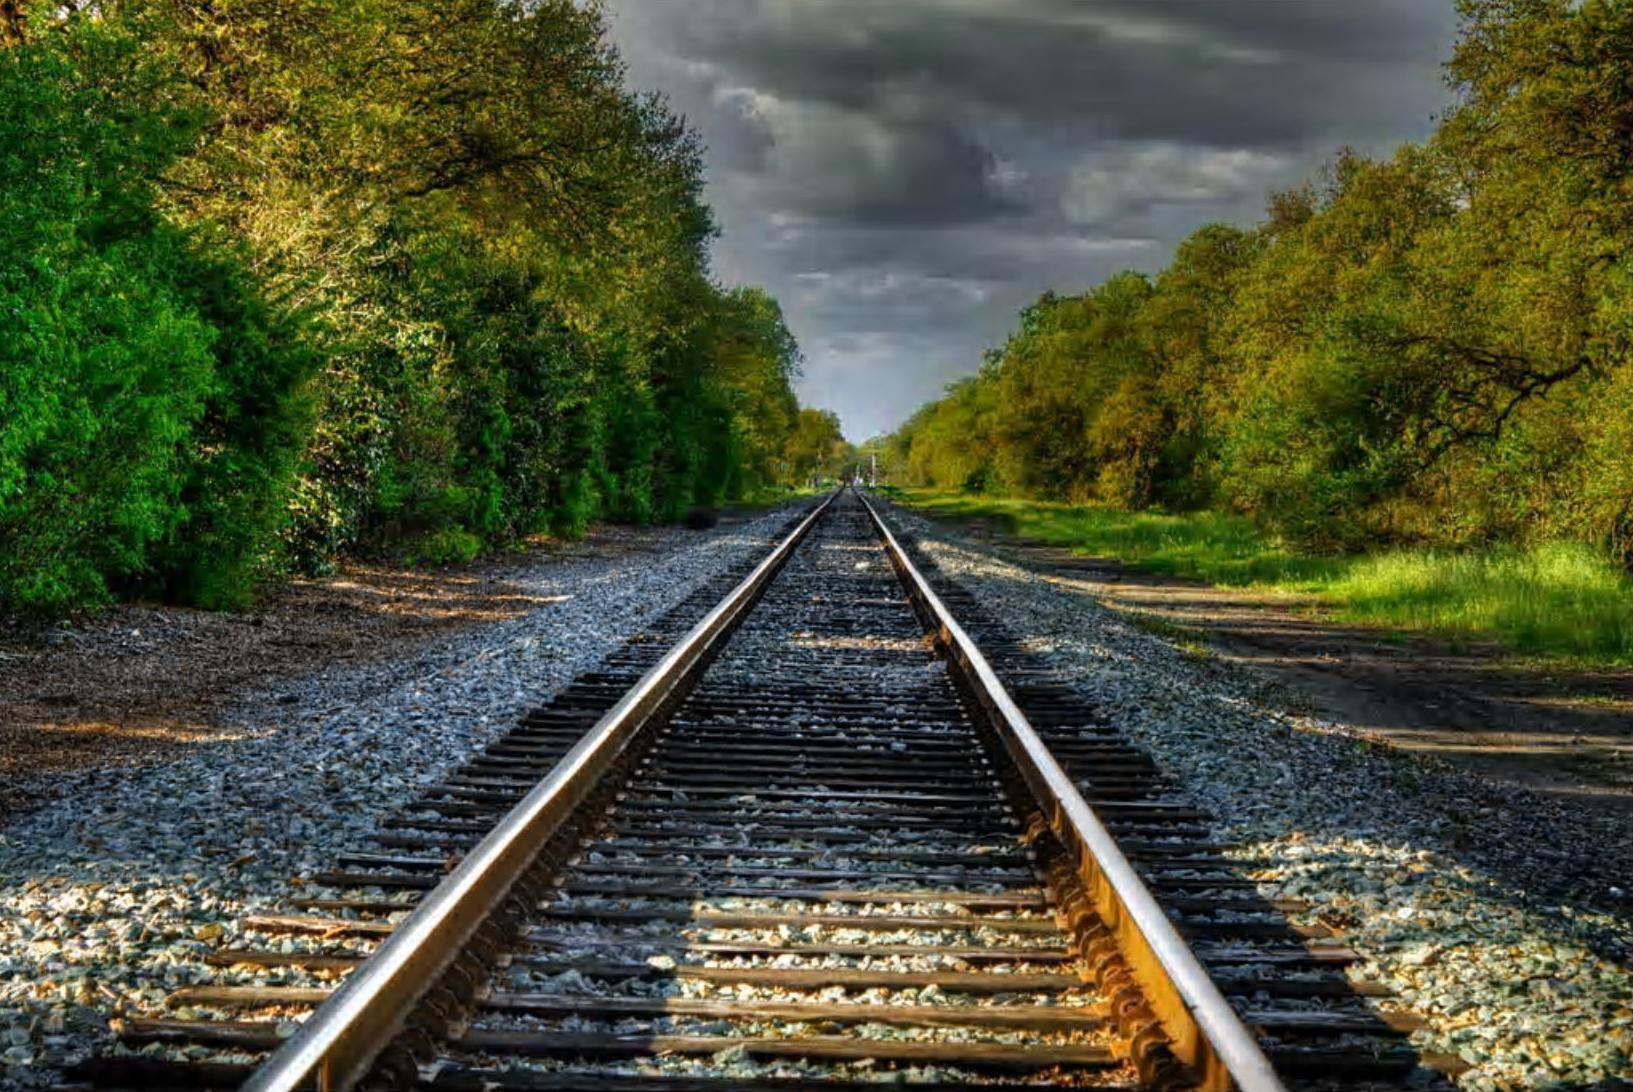 Train Track Wallpaper - WallpaperSafari